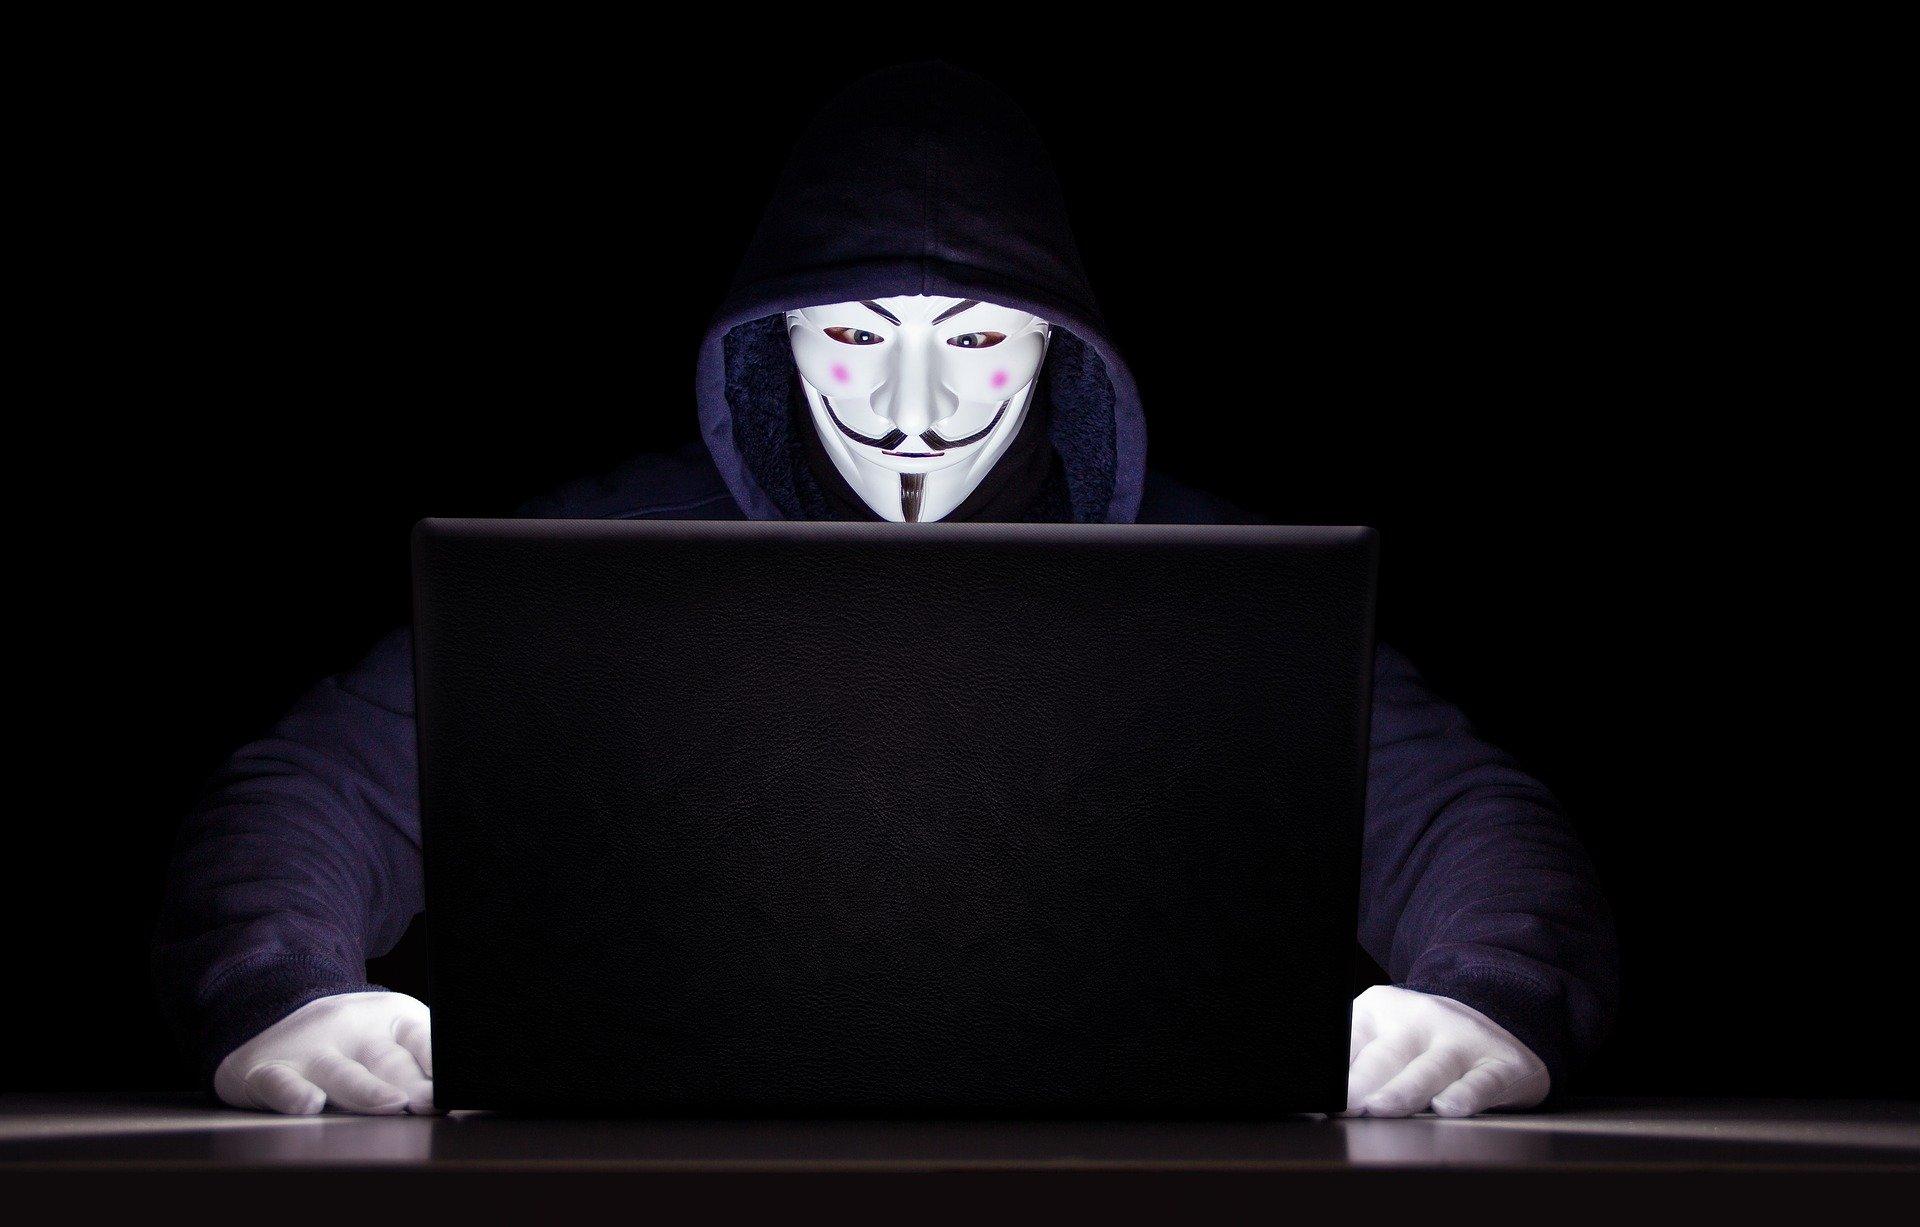 anonymous-4165613_1920